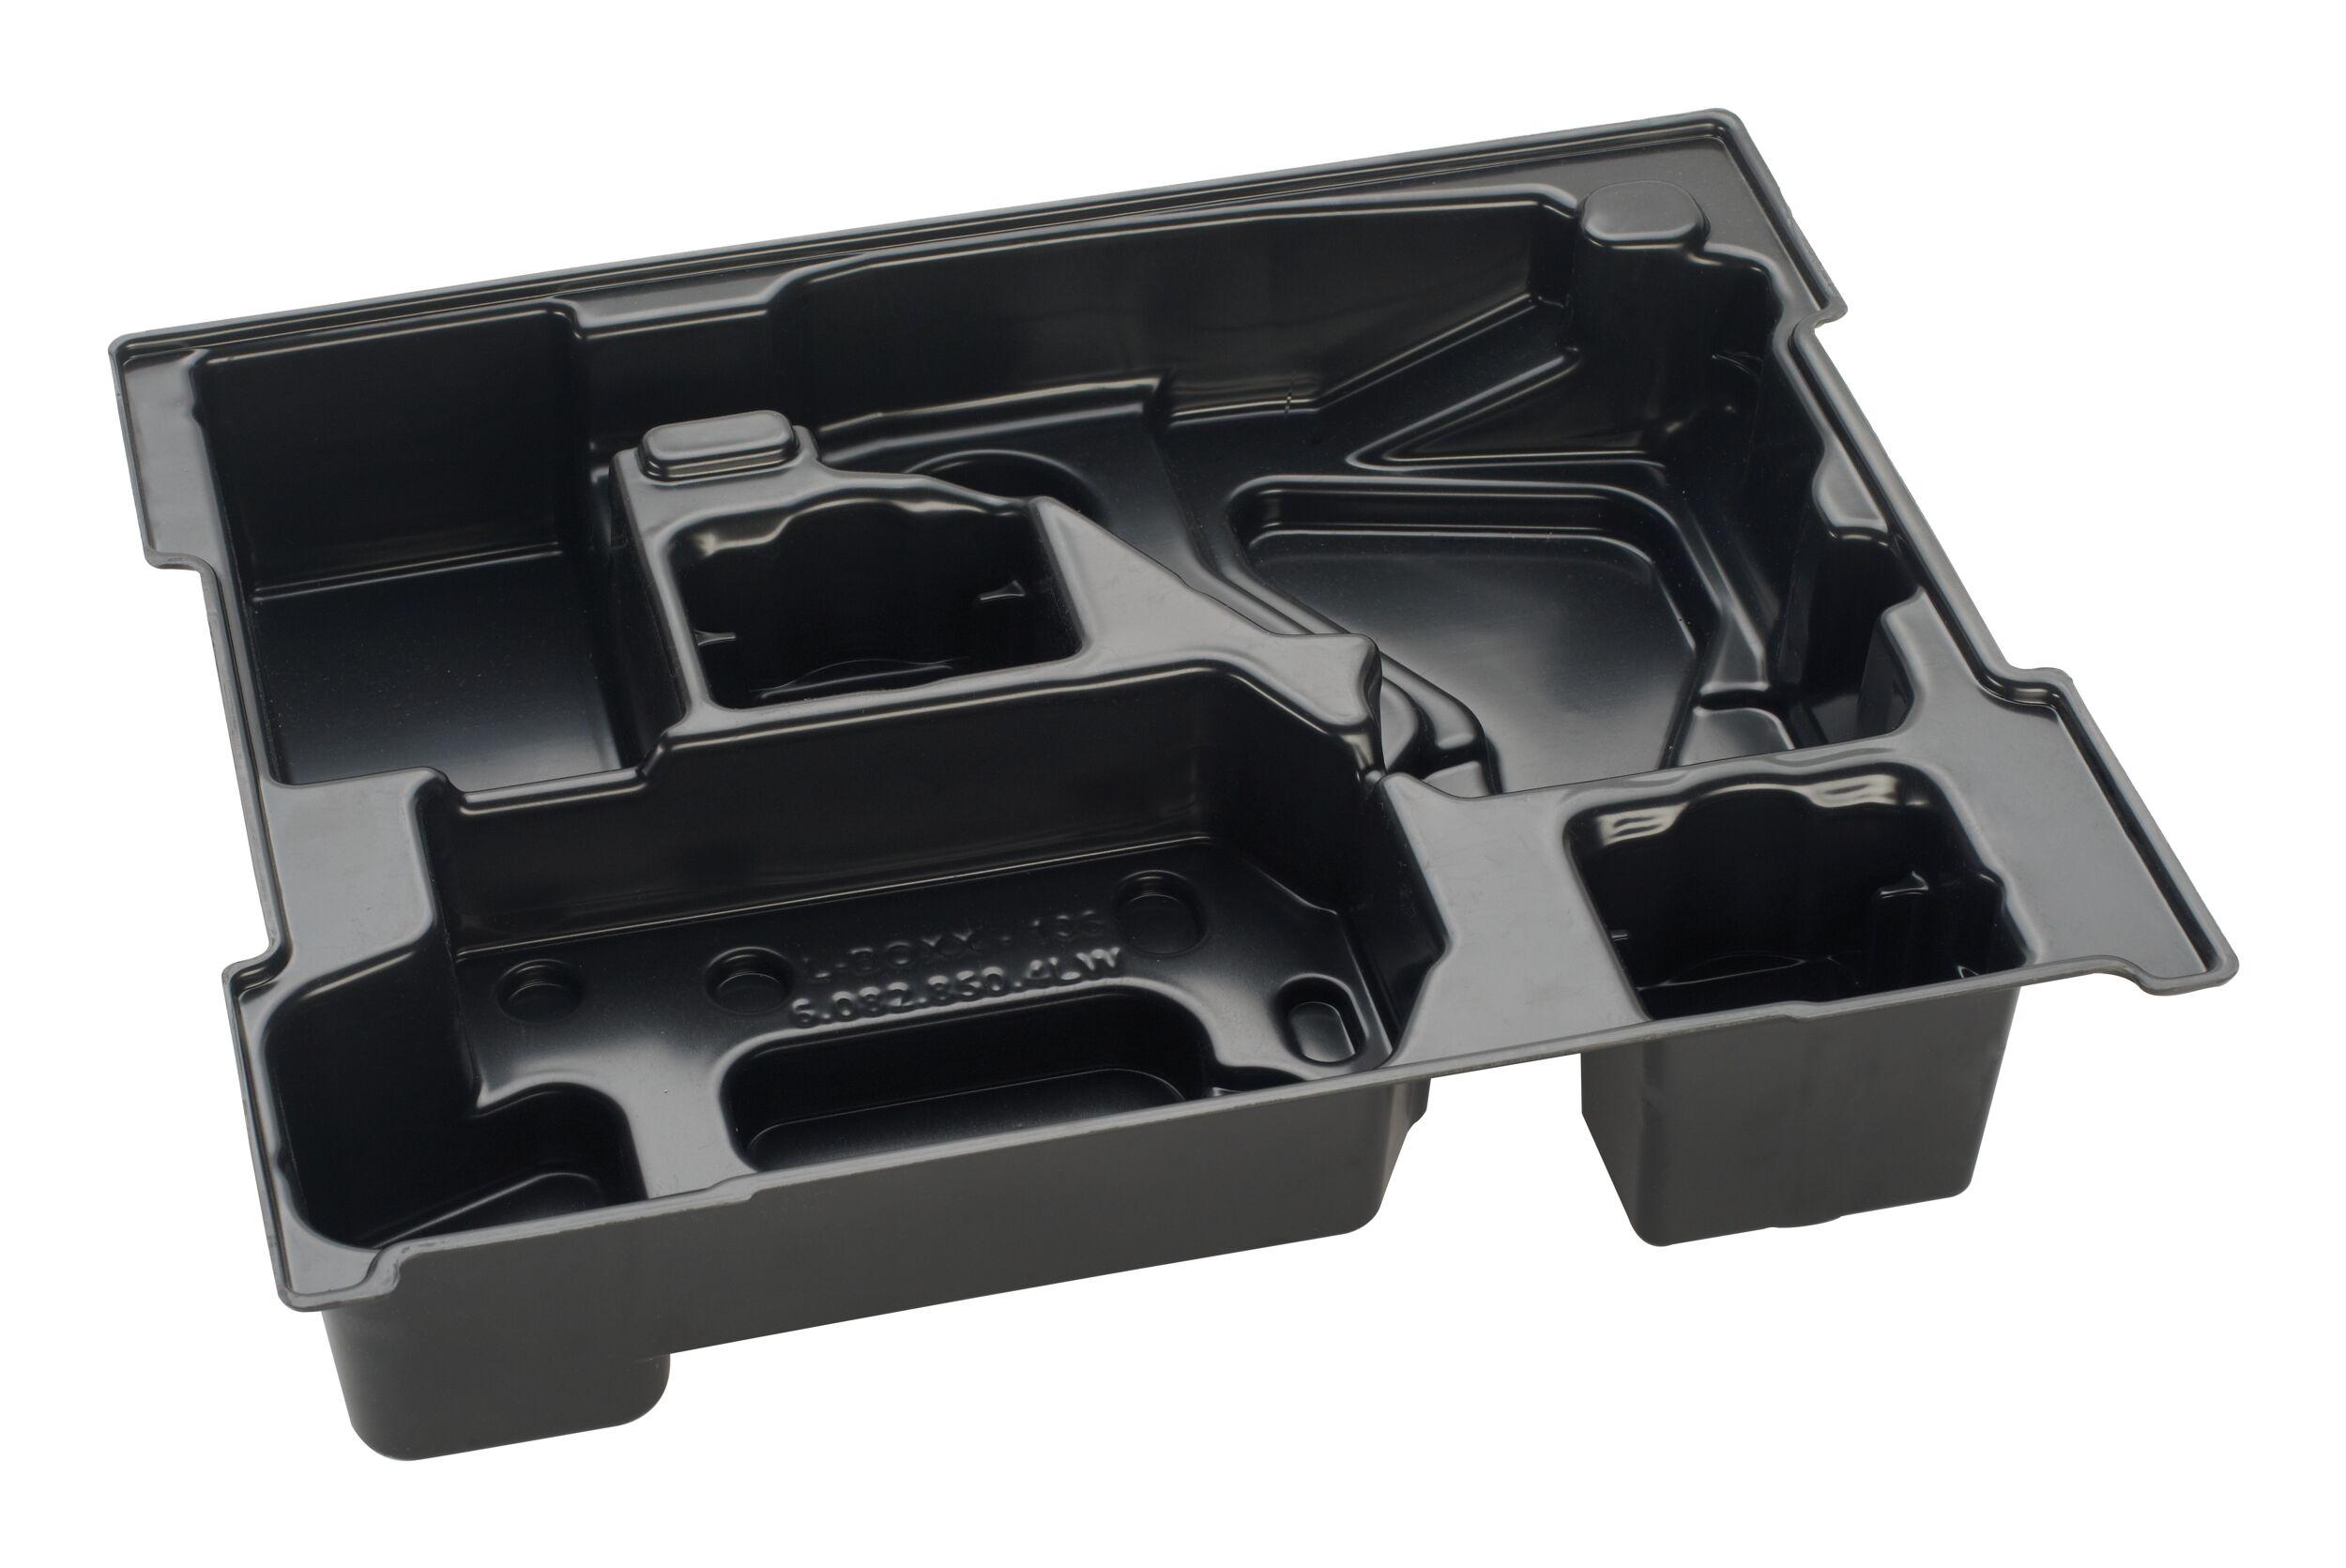 Blau Professional Einlage zur Werkzeugaufbewahrung für GBH 14.4 /... 1600A002VL